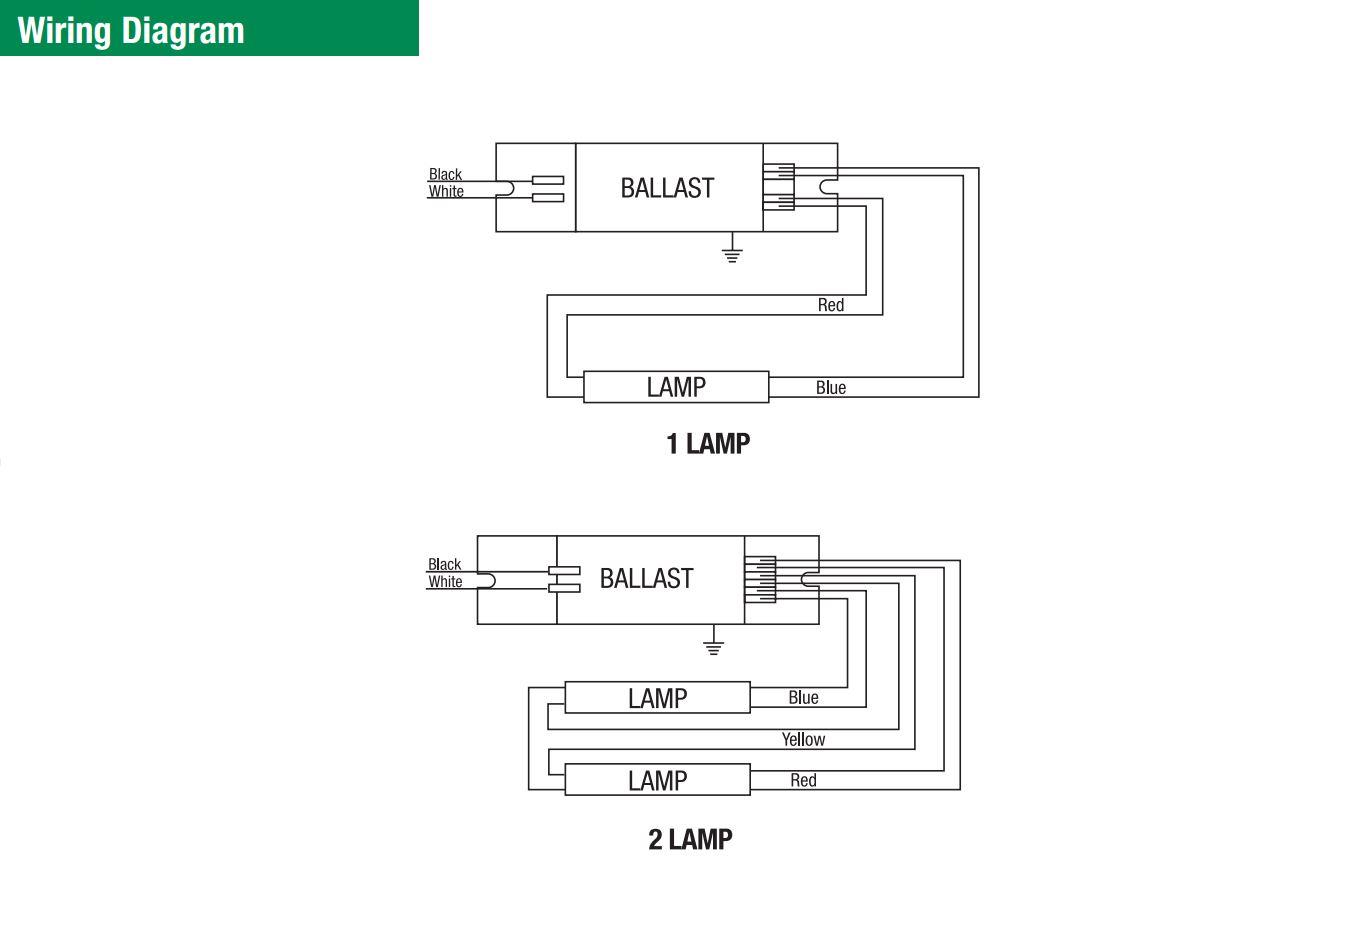 Universal 12210237ctc S62 70 Watt Hid Hps Fcan Ballast Electrical Wiring Diagrams 480v Metal Halide 150w Wonderful Diagram 240 Volt Contemporary Best 5266520wiring20diagram Voltpy Luxury 208